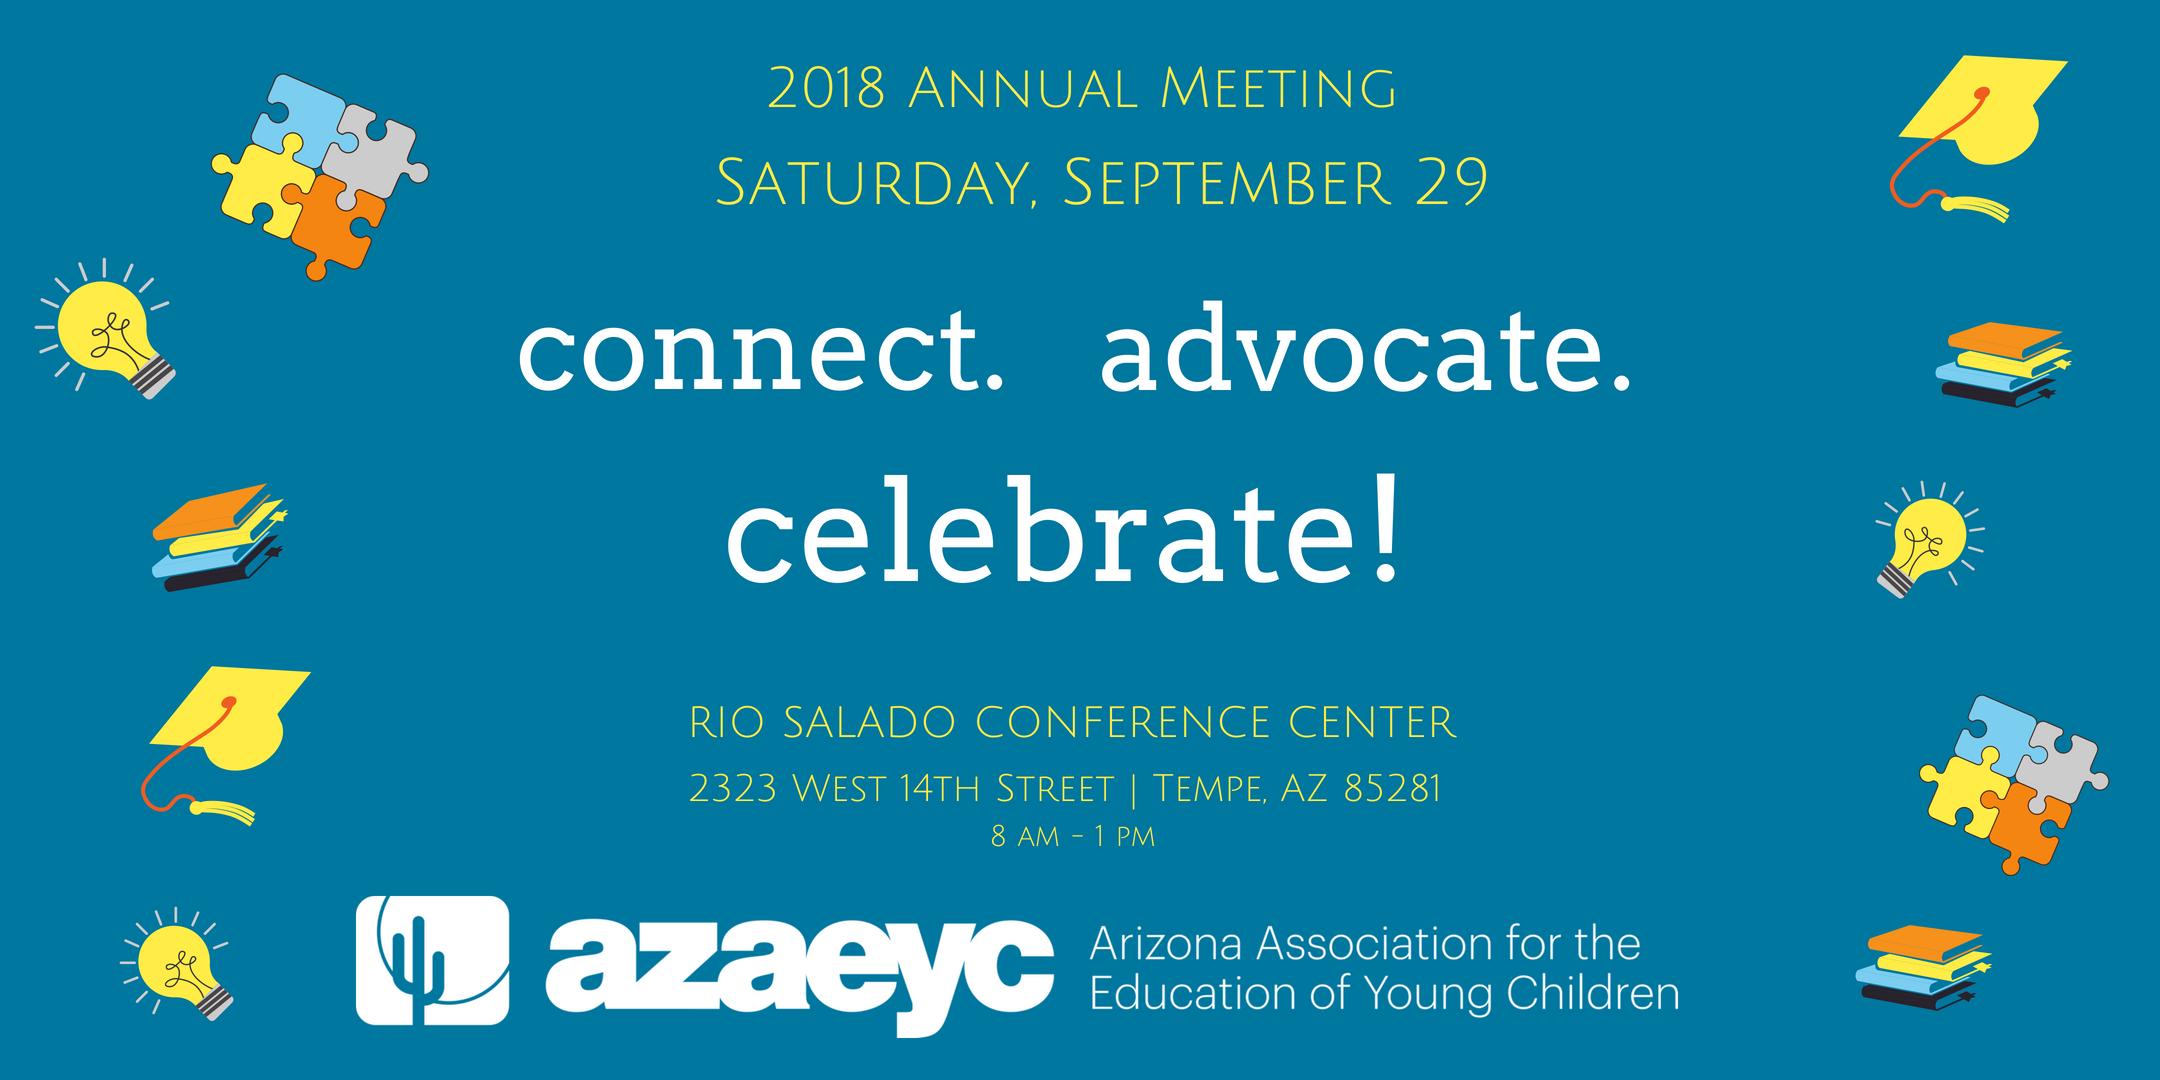 AzAEYC 2018 Annual Meeting